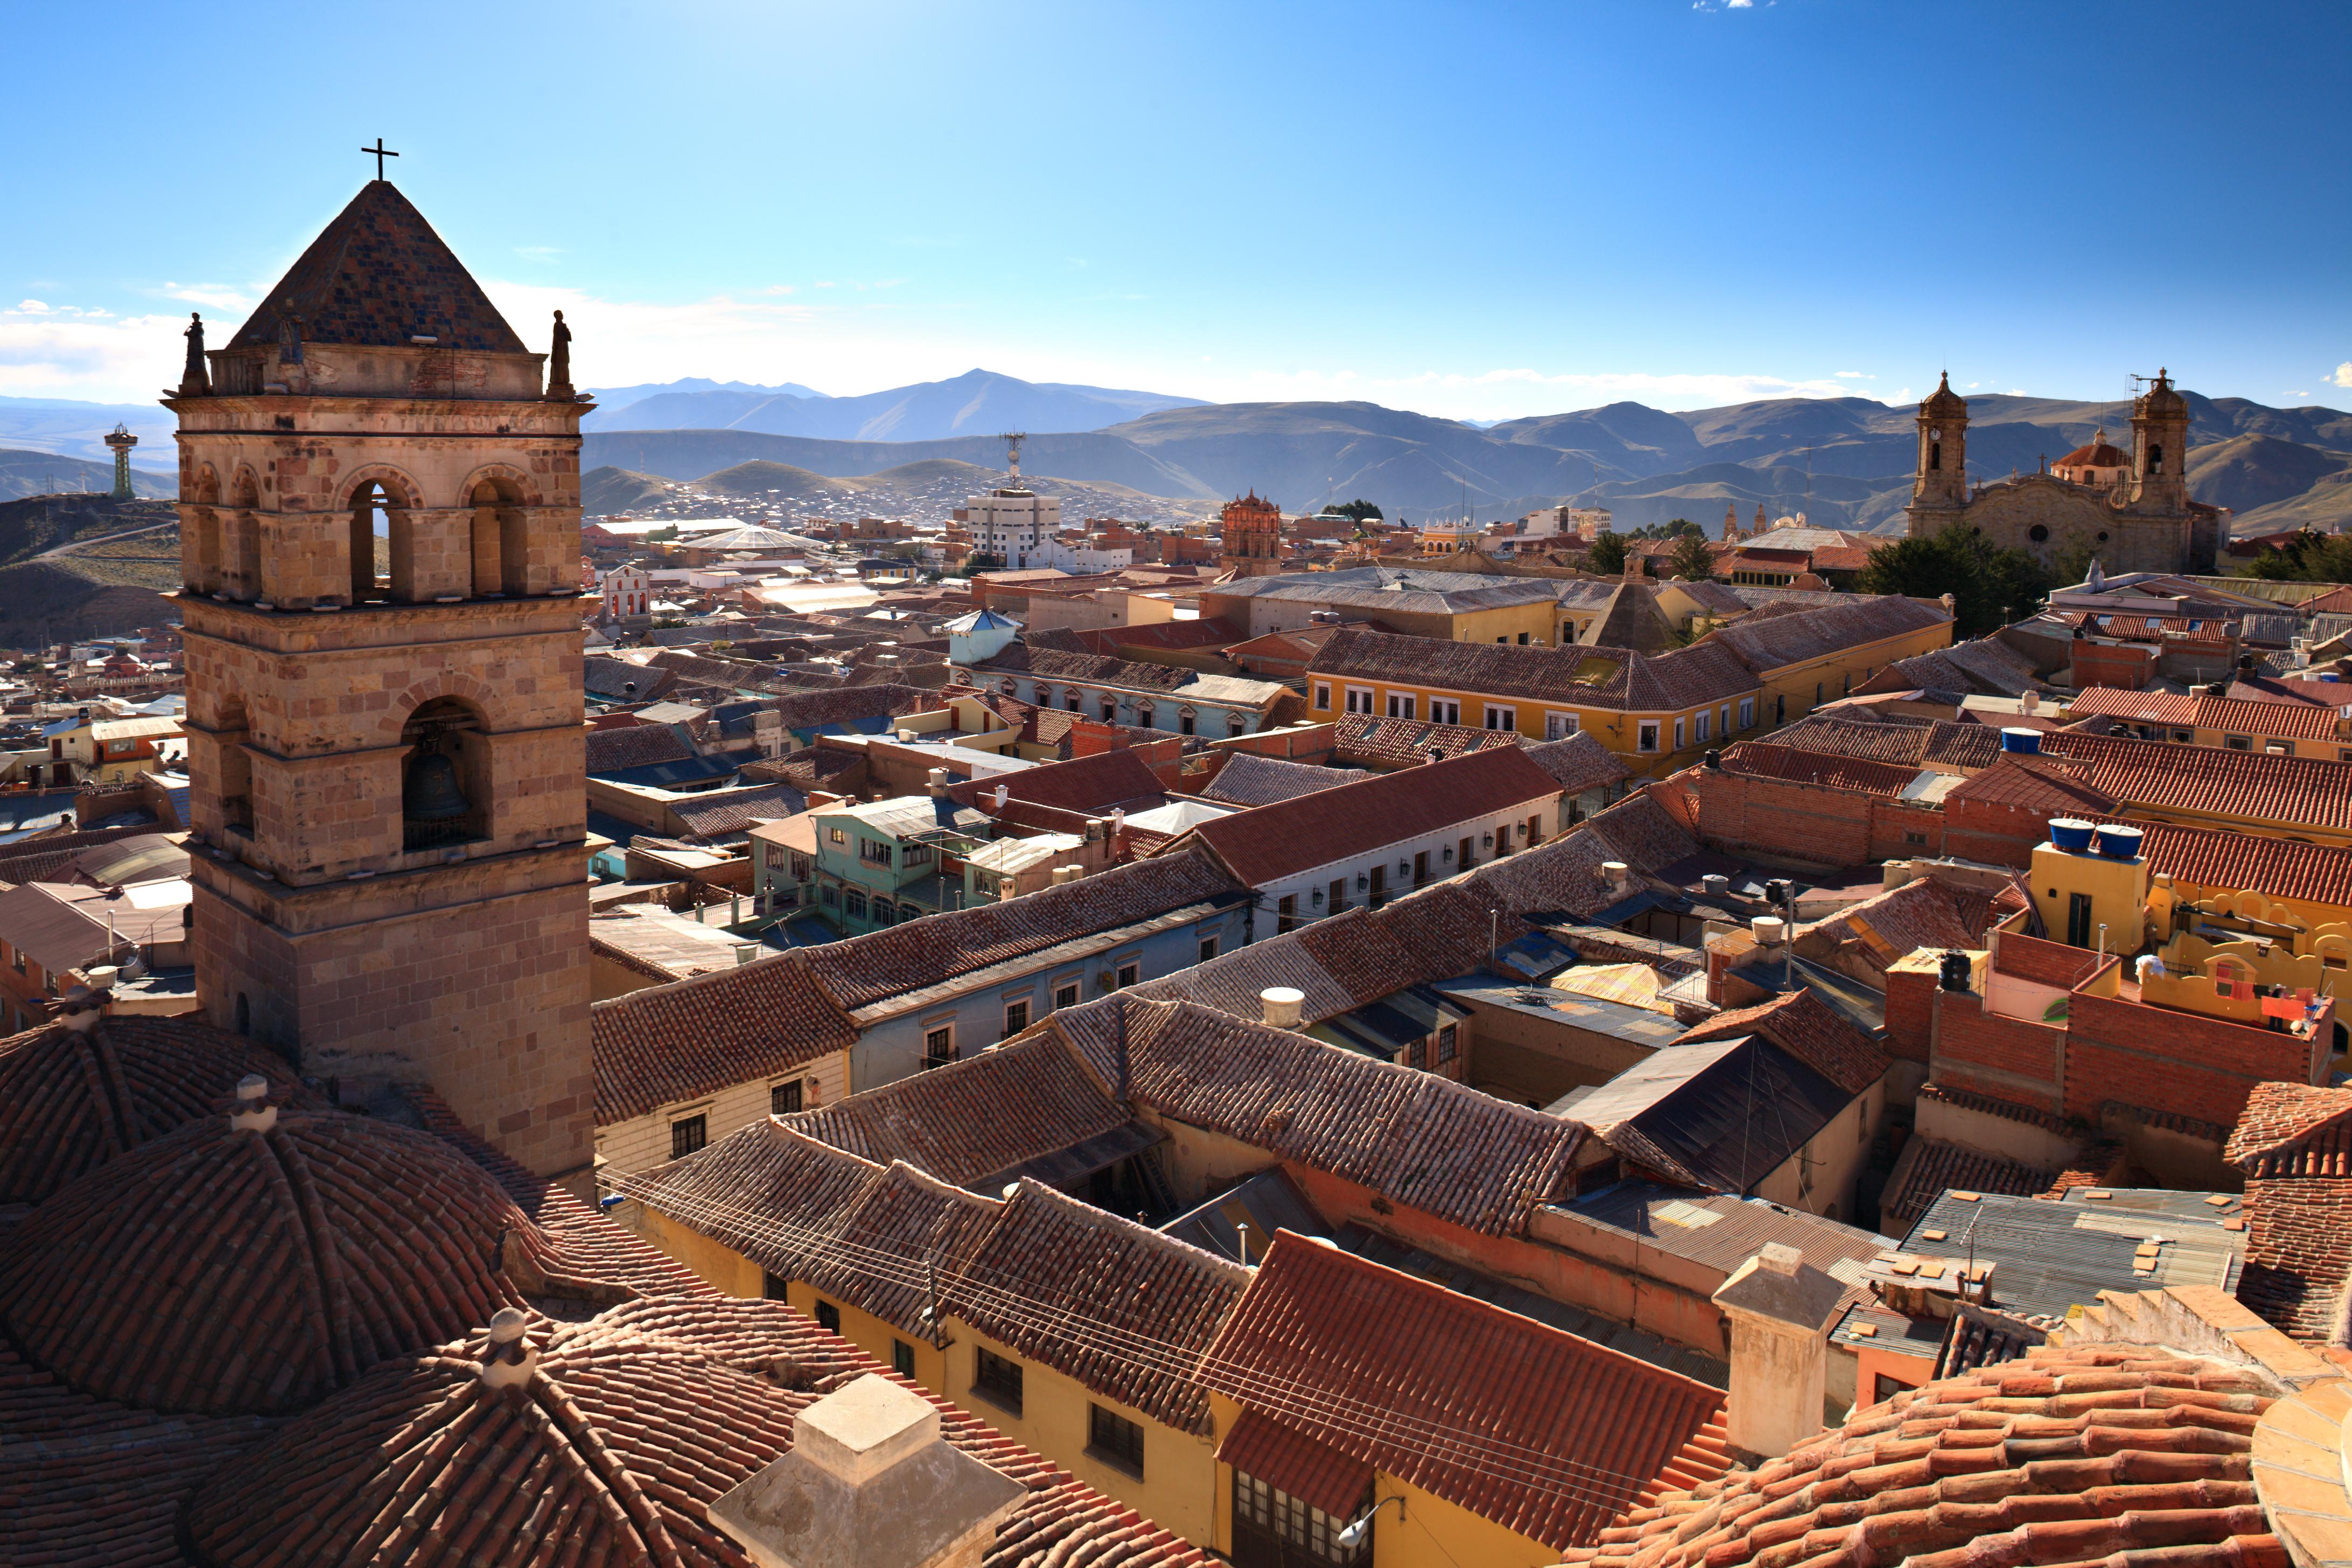 Descubre la riqueza histórica y comercial del pasado de Potosí - Bolivia Gran Viaje Bolivia Increíble